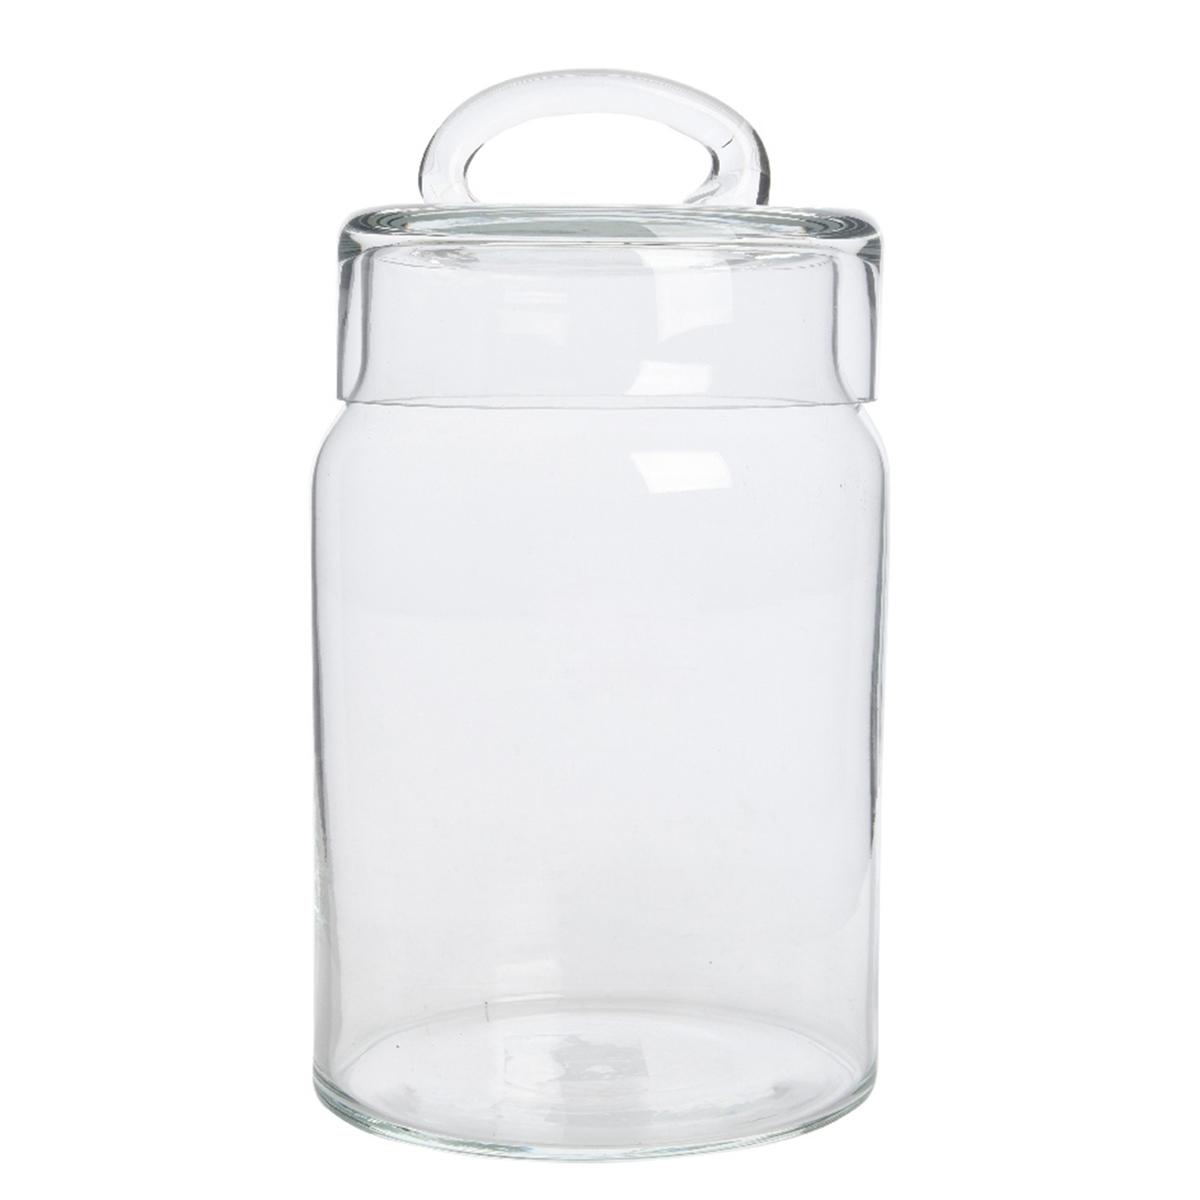 Горшок стеклянный для хранения диспенсер стеклянный с крышкой 28х22х32 см